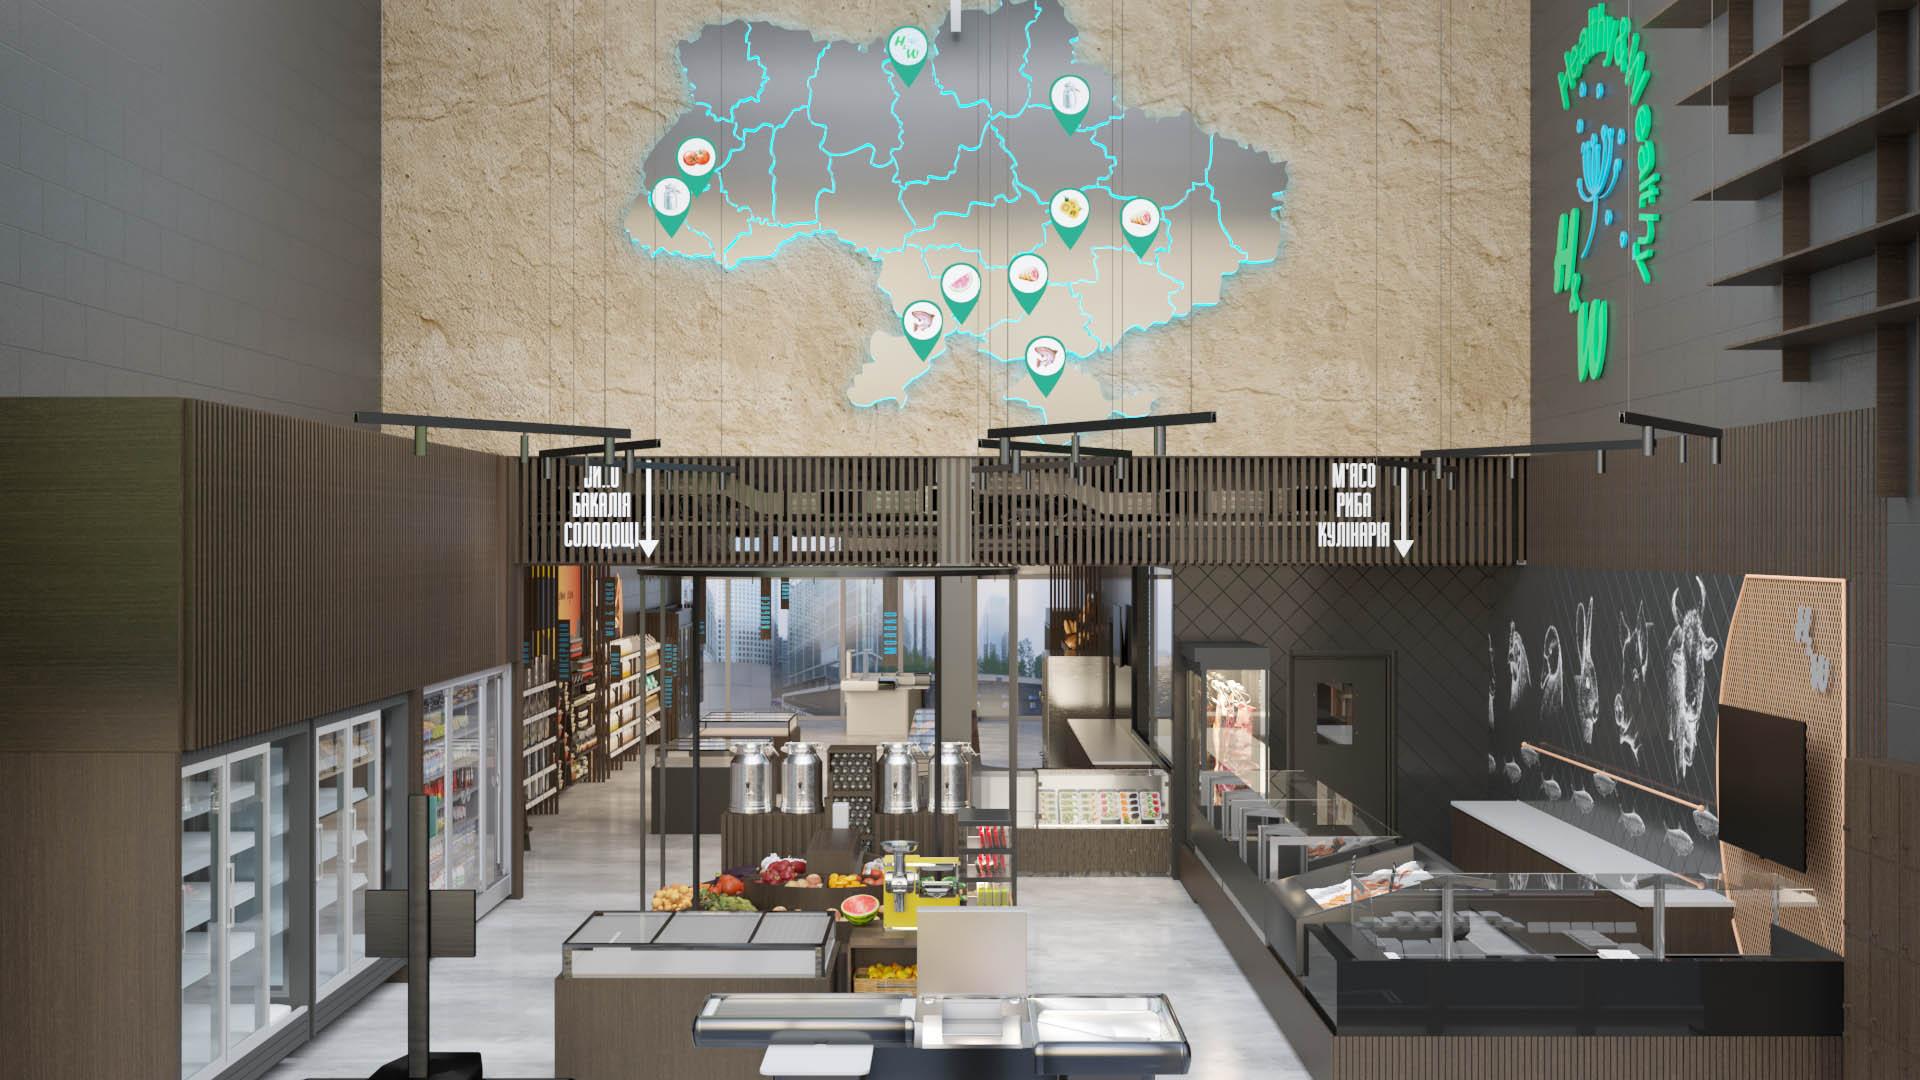 Дизайн магазина: как правильно оформить торговый зал